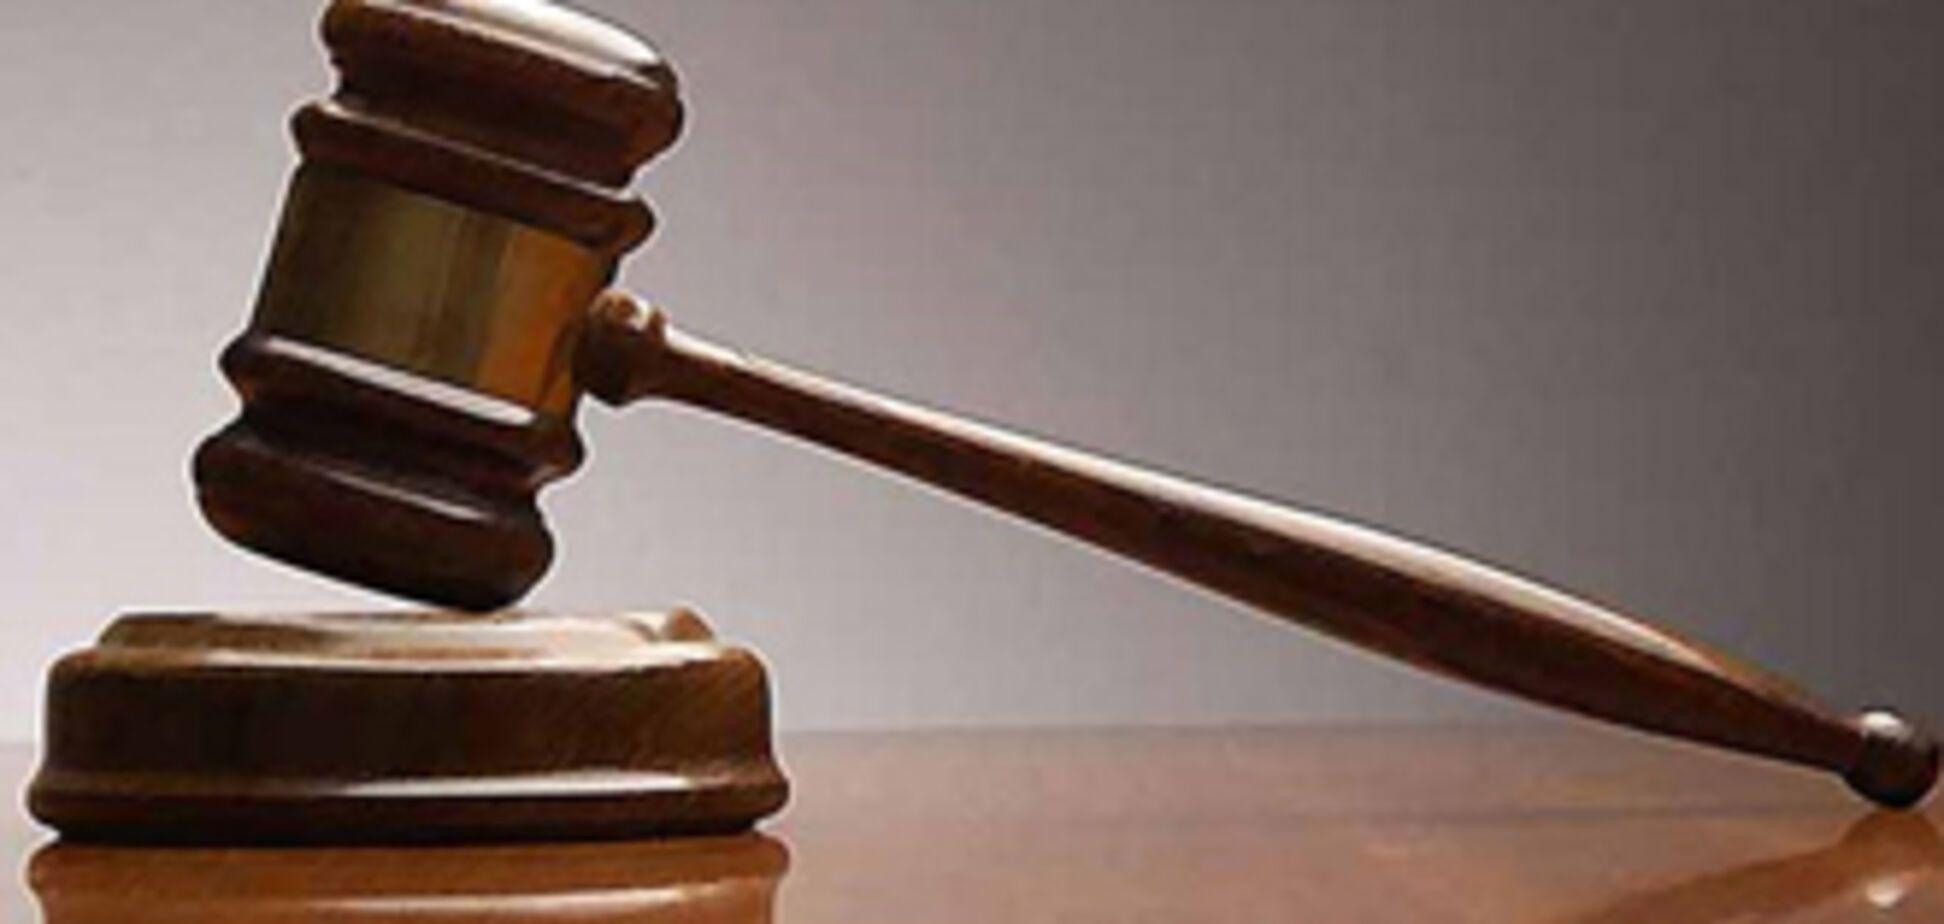 Вместе со Зваричем могут сесть еще 20 судей